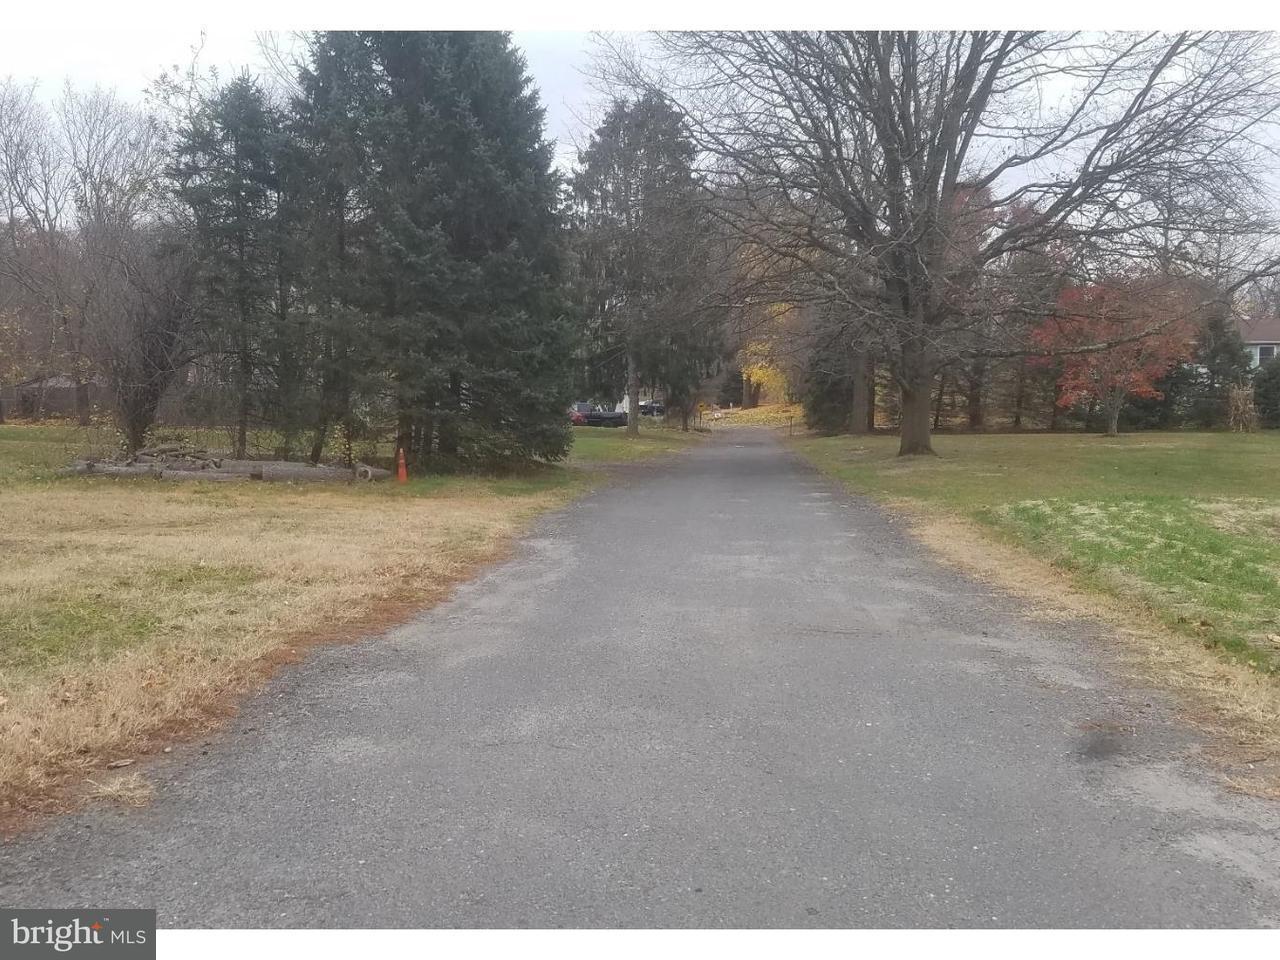 Частный односемейный дом для того Продажа на 3 SPRUCE Lane Juliustown, Нью-Джерси 08042 Соединенные Штаты